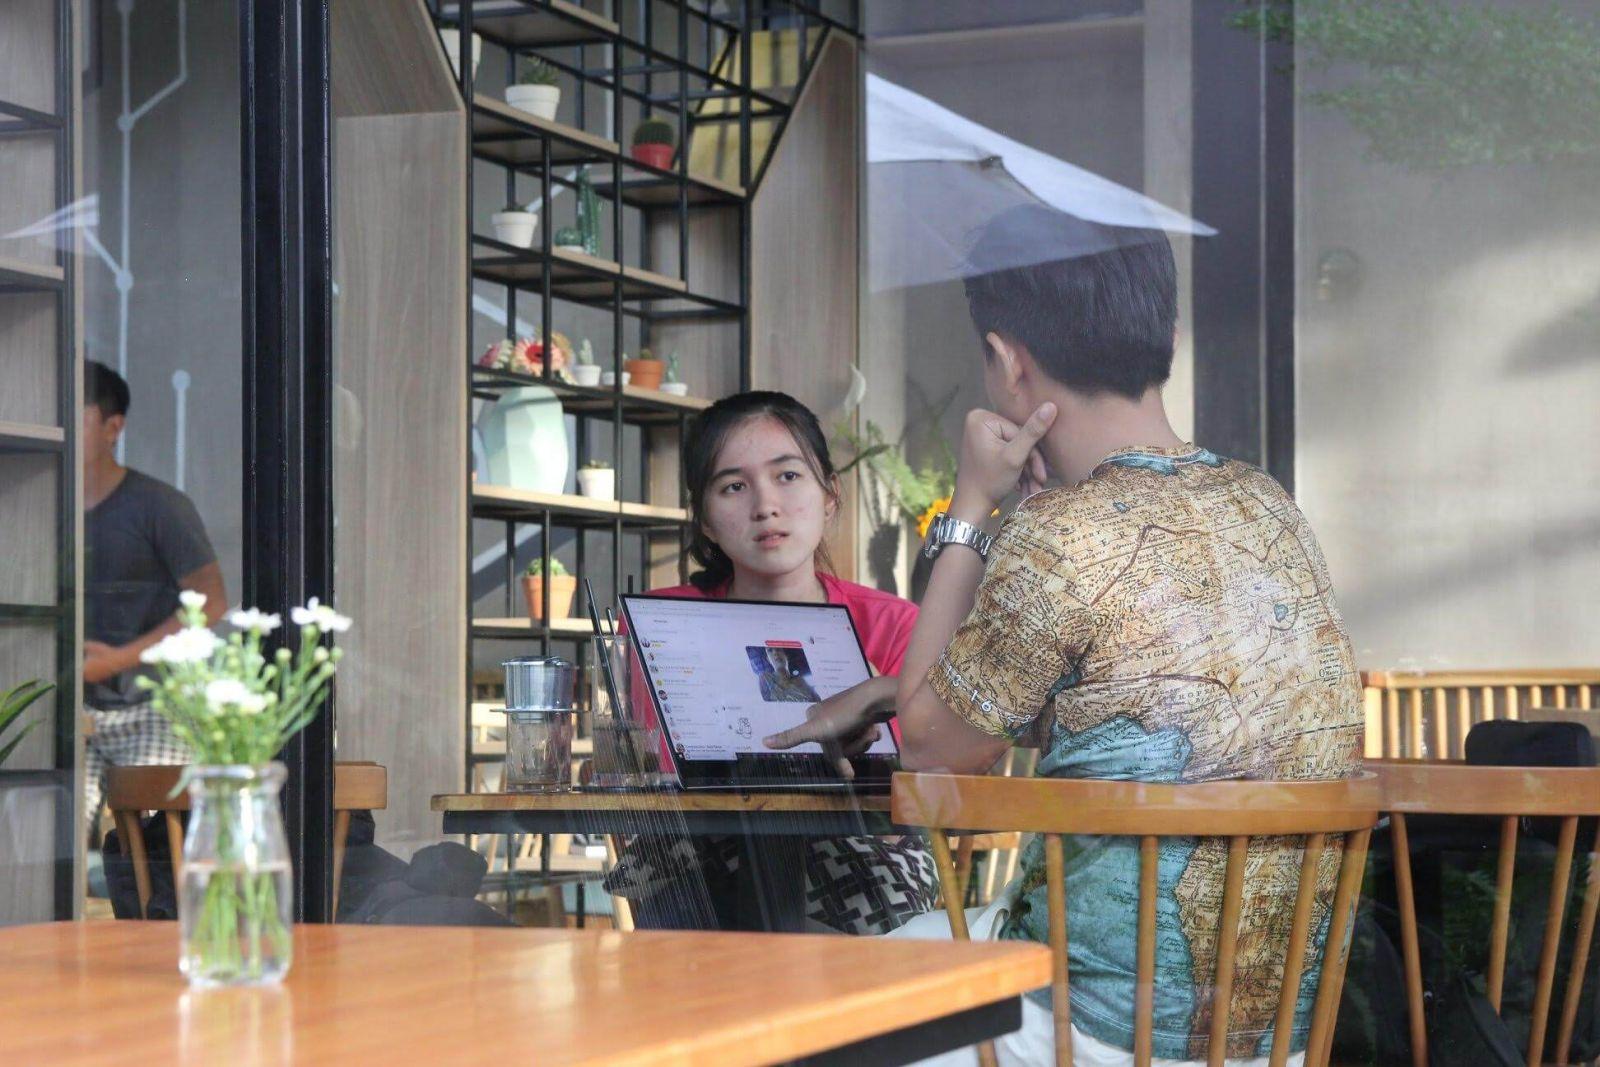 ban-ghe-cafe-tao-khong-gian-rieng